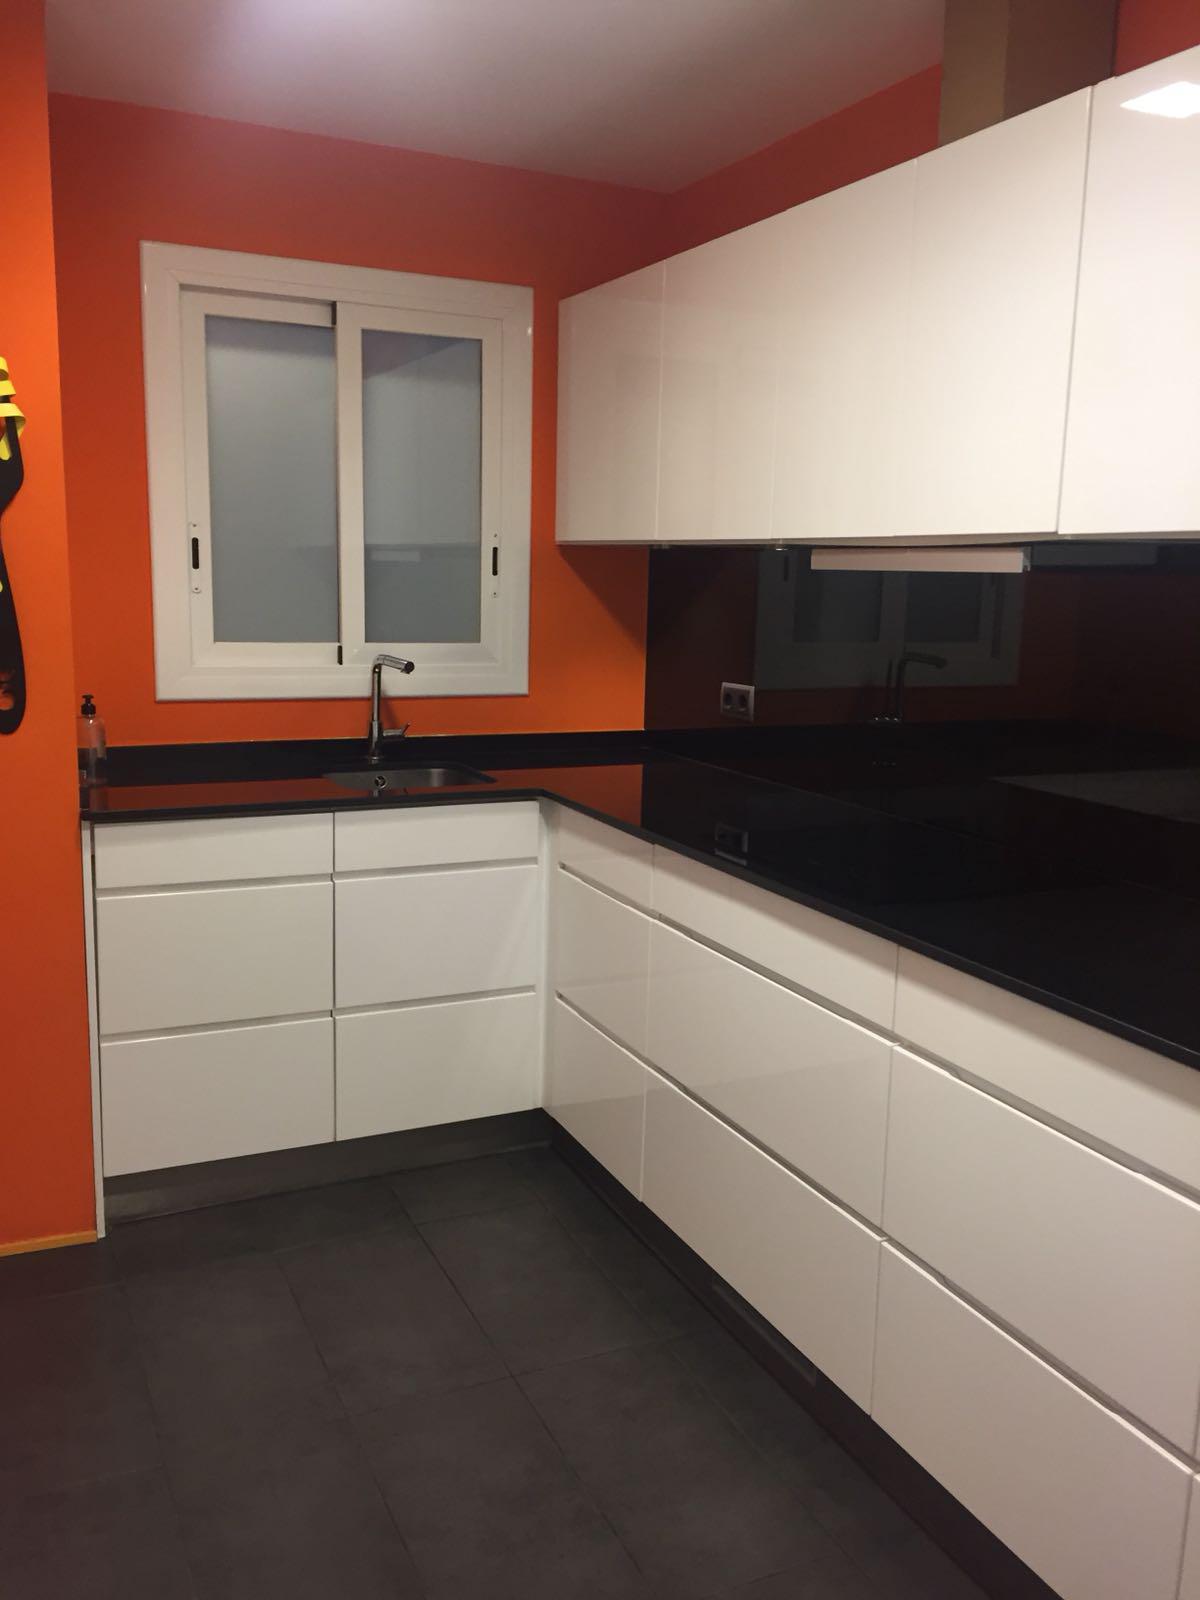 206249 Apartamento en venta en Eixample, Nova Esquerra Eixample 7